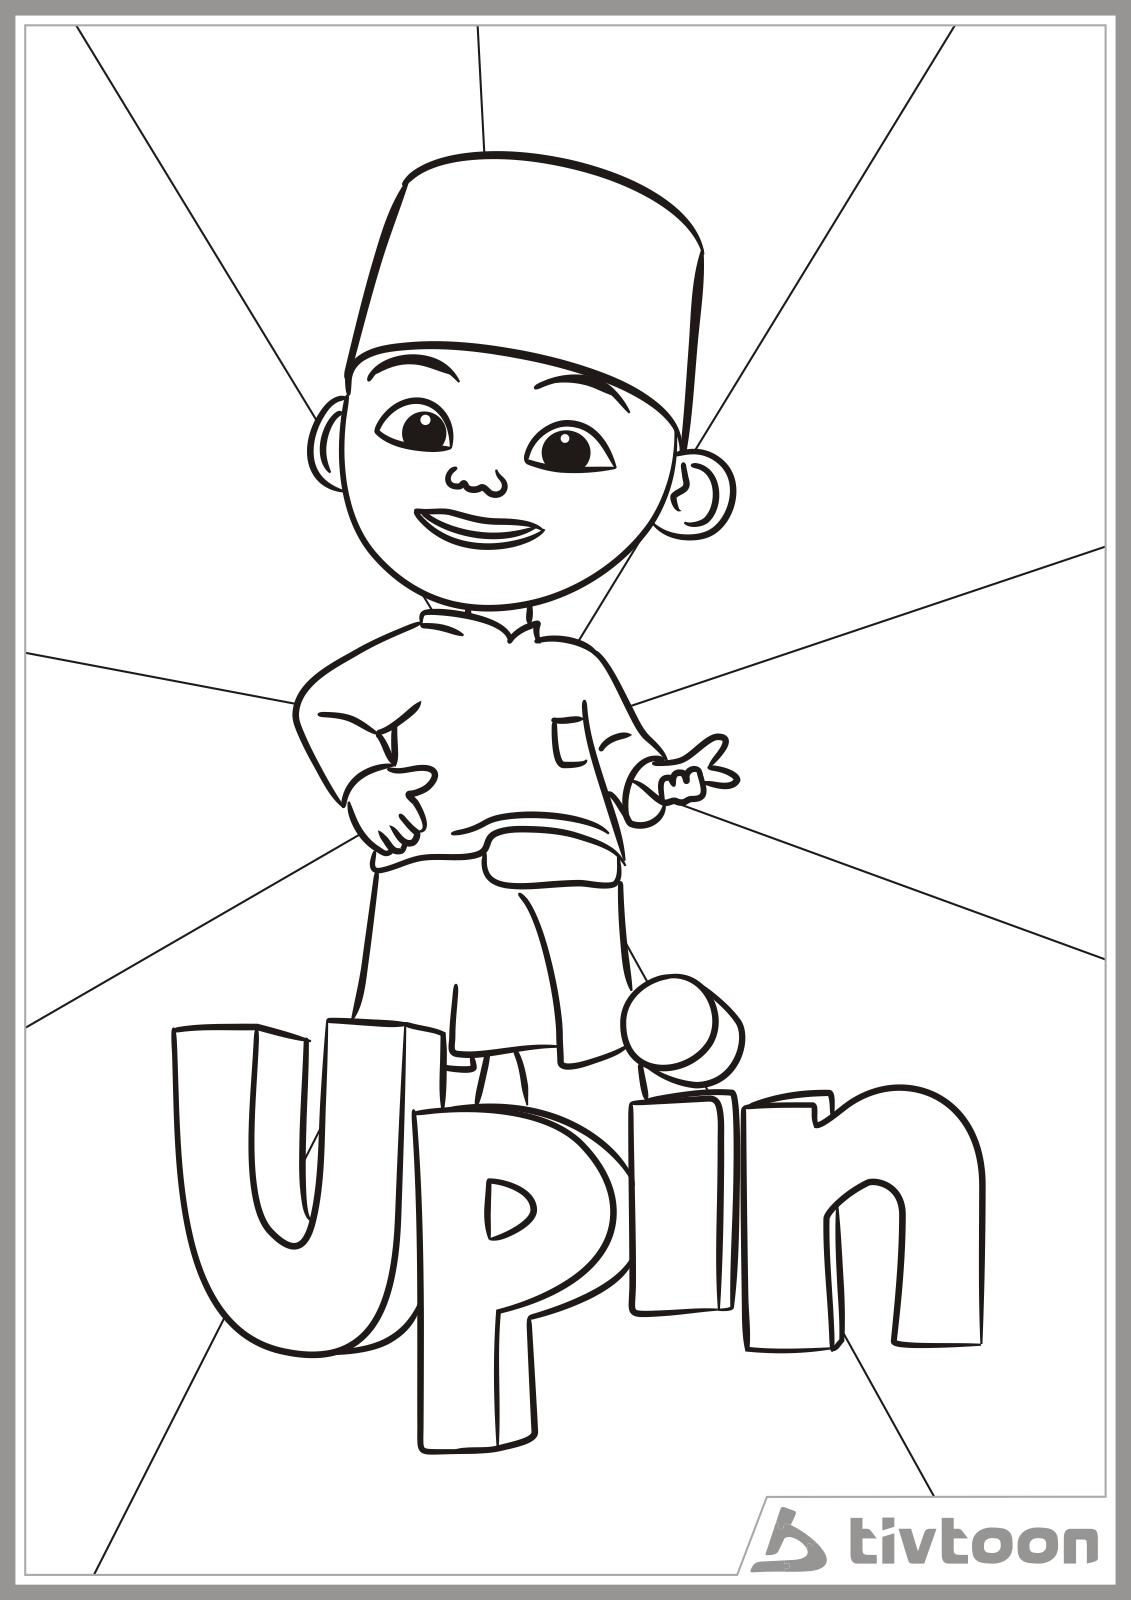 Download Kumpulan Gambar Sketsa Upin Dan Ipin